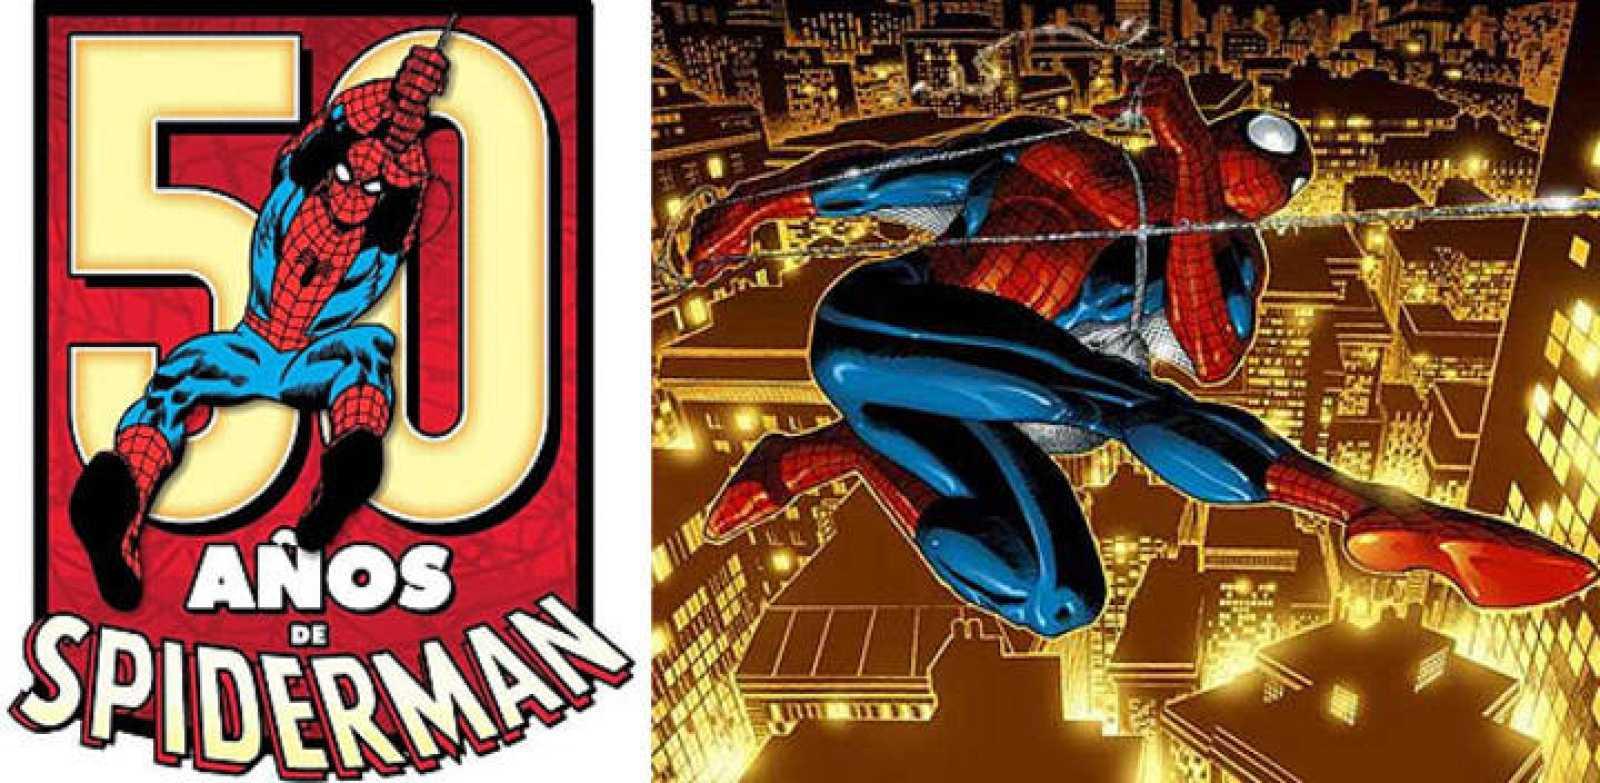 Especial 50 años de Spiderman y la versión de John Romita Jr.